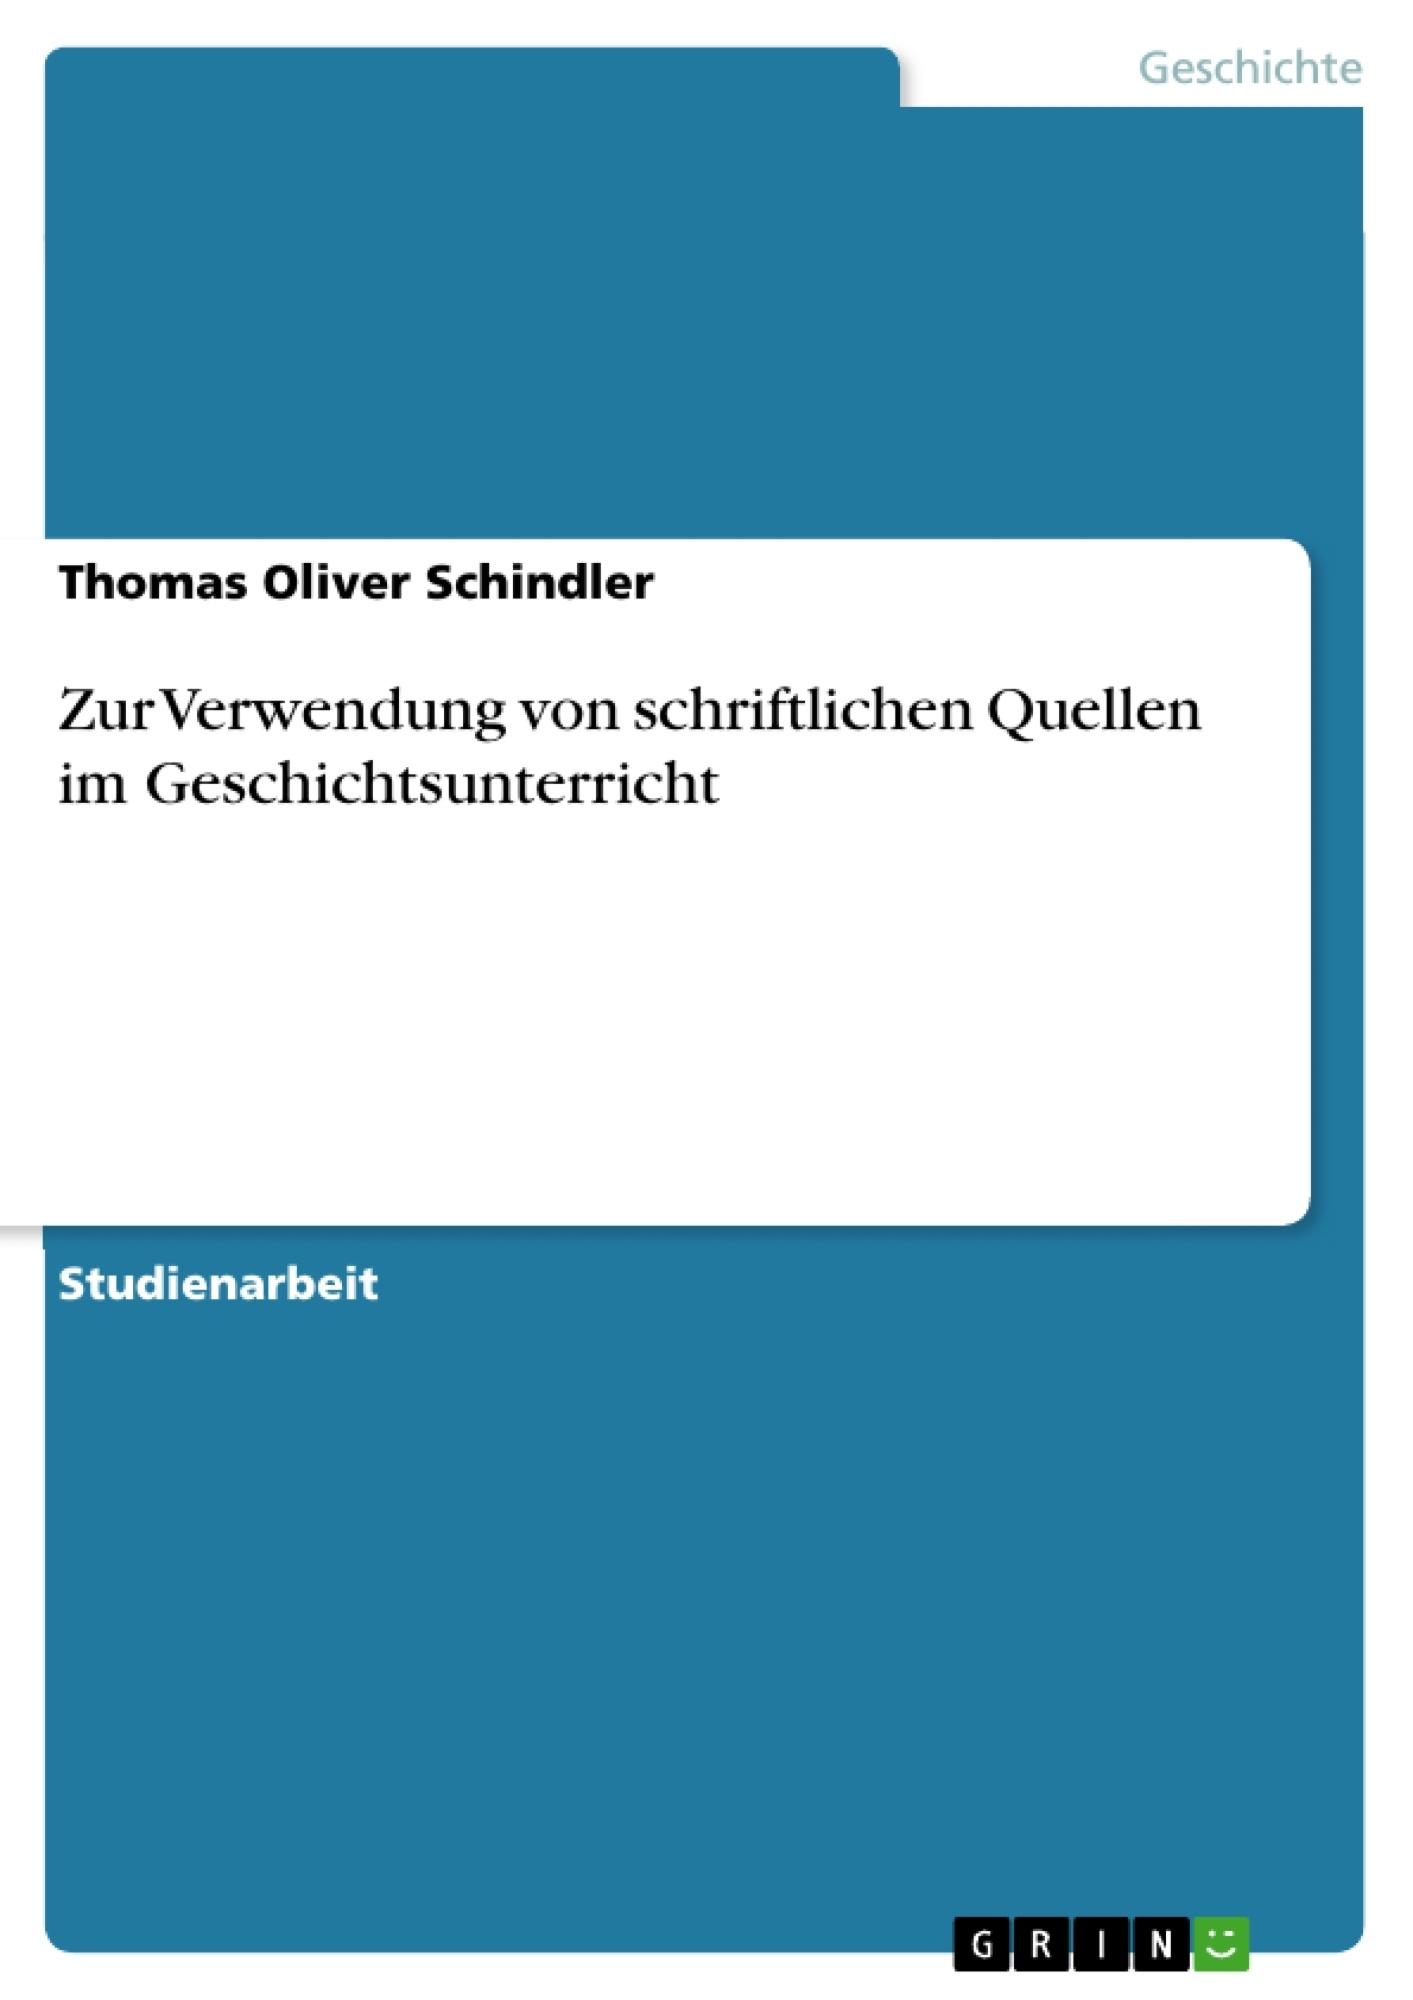 Titel: Zur Verwendung von schriftlichen Quellen im Geschichtsunterricht